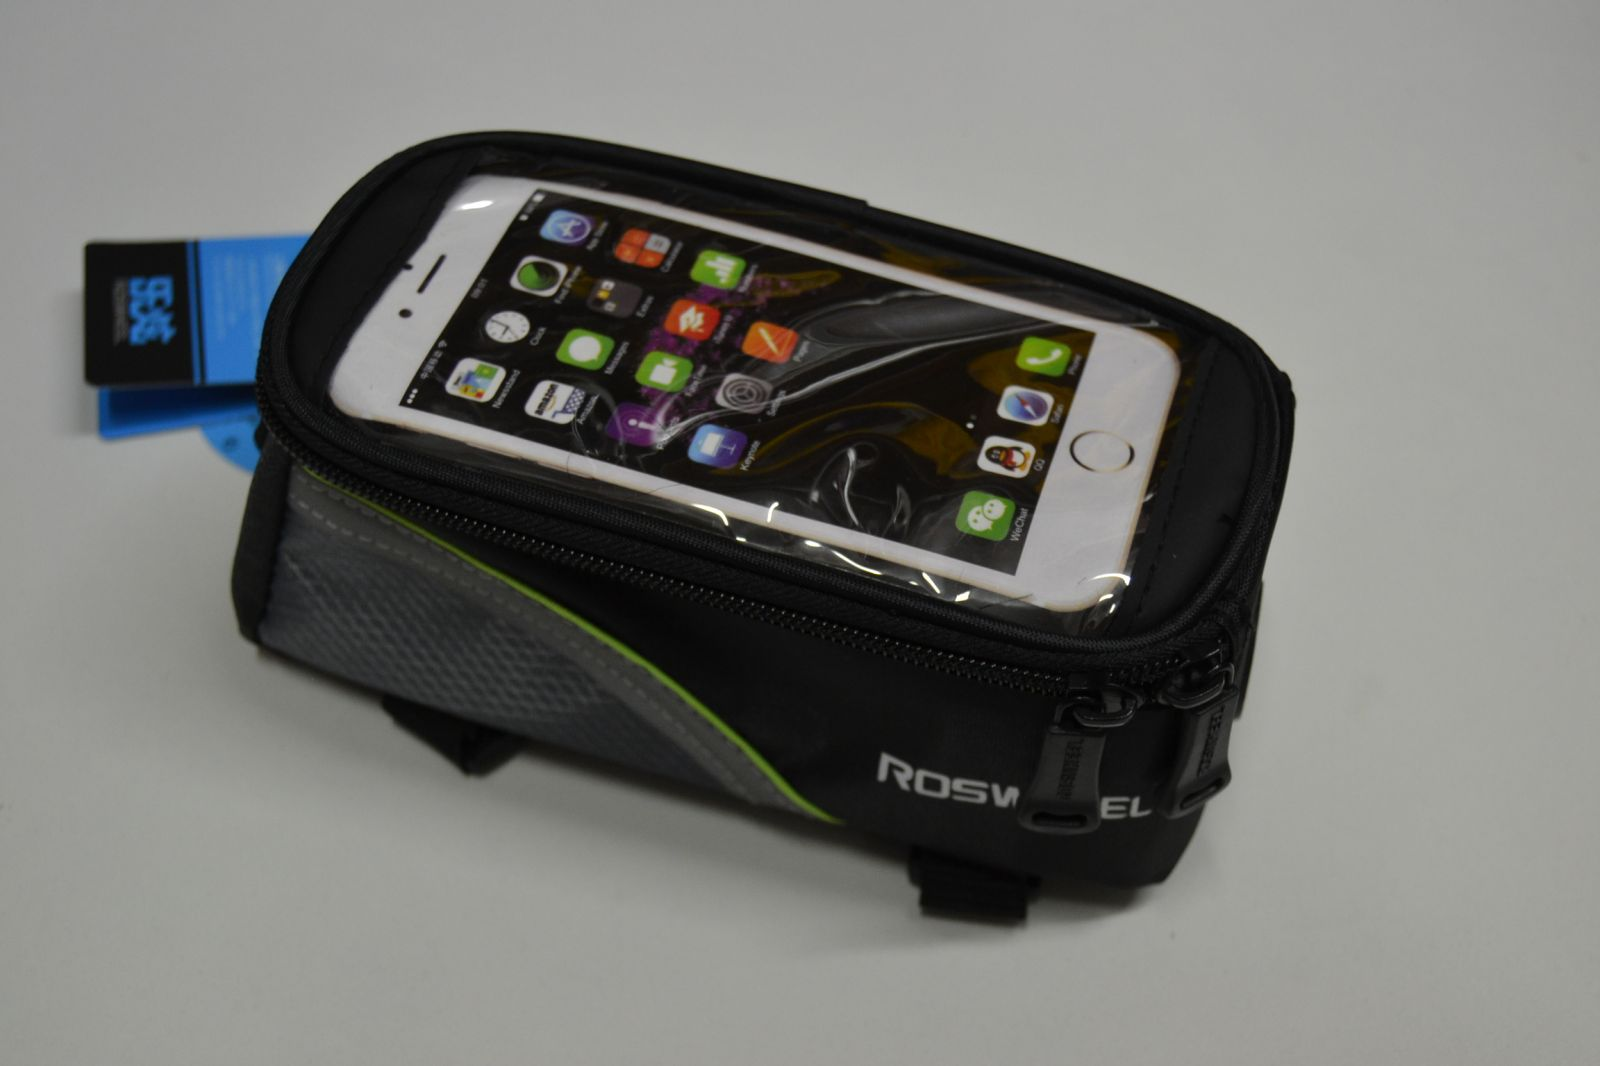 Taštička na kolo s kapsou na telefon či navigaci